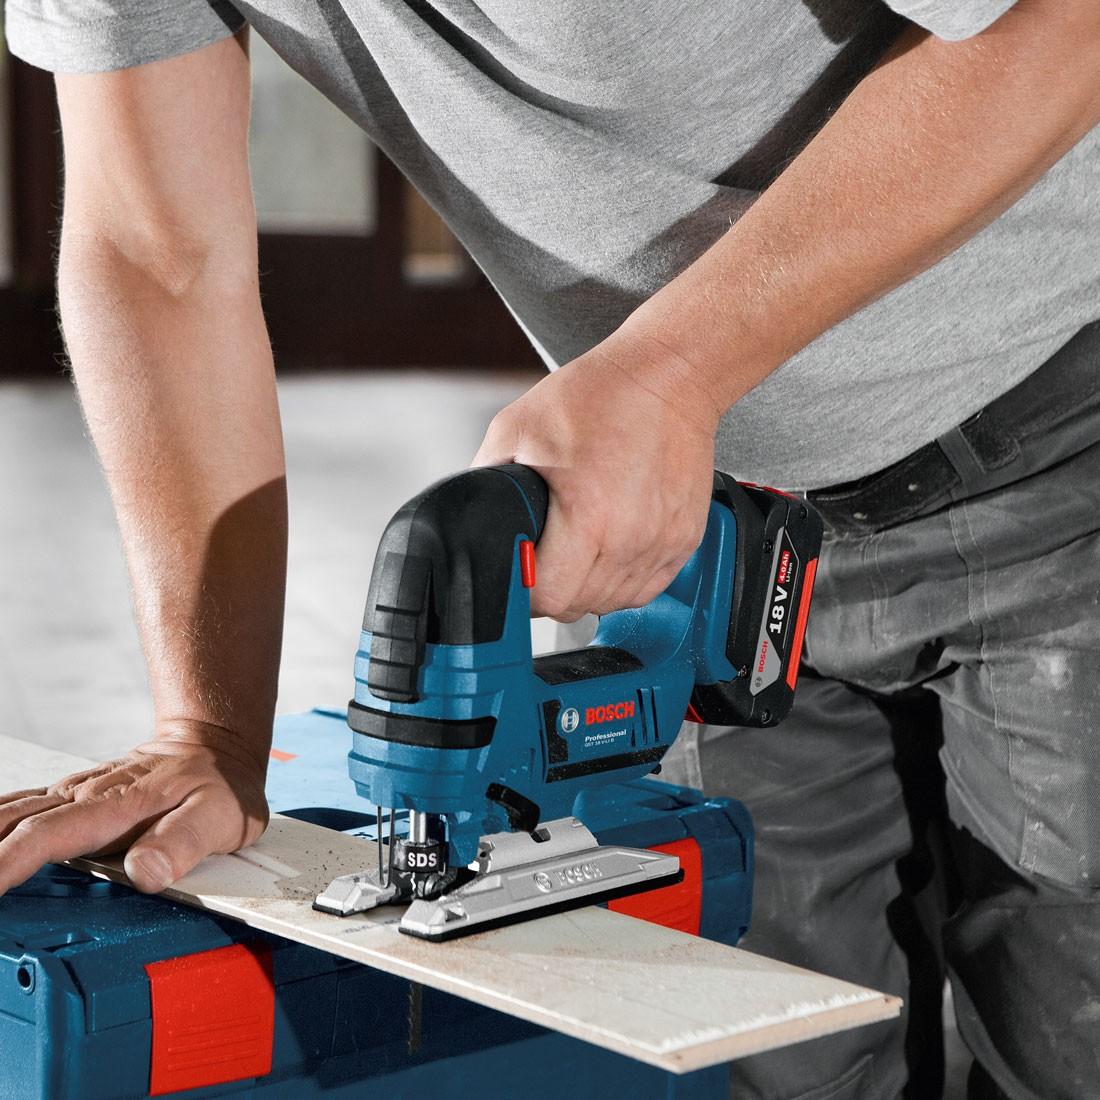 Как выбрать электролобзик для дома или мастерской + видео